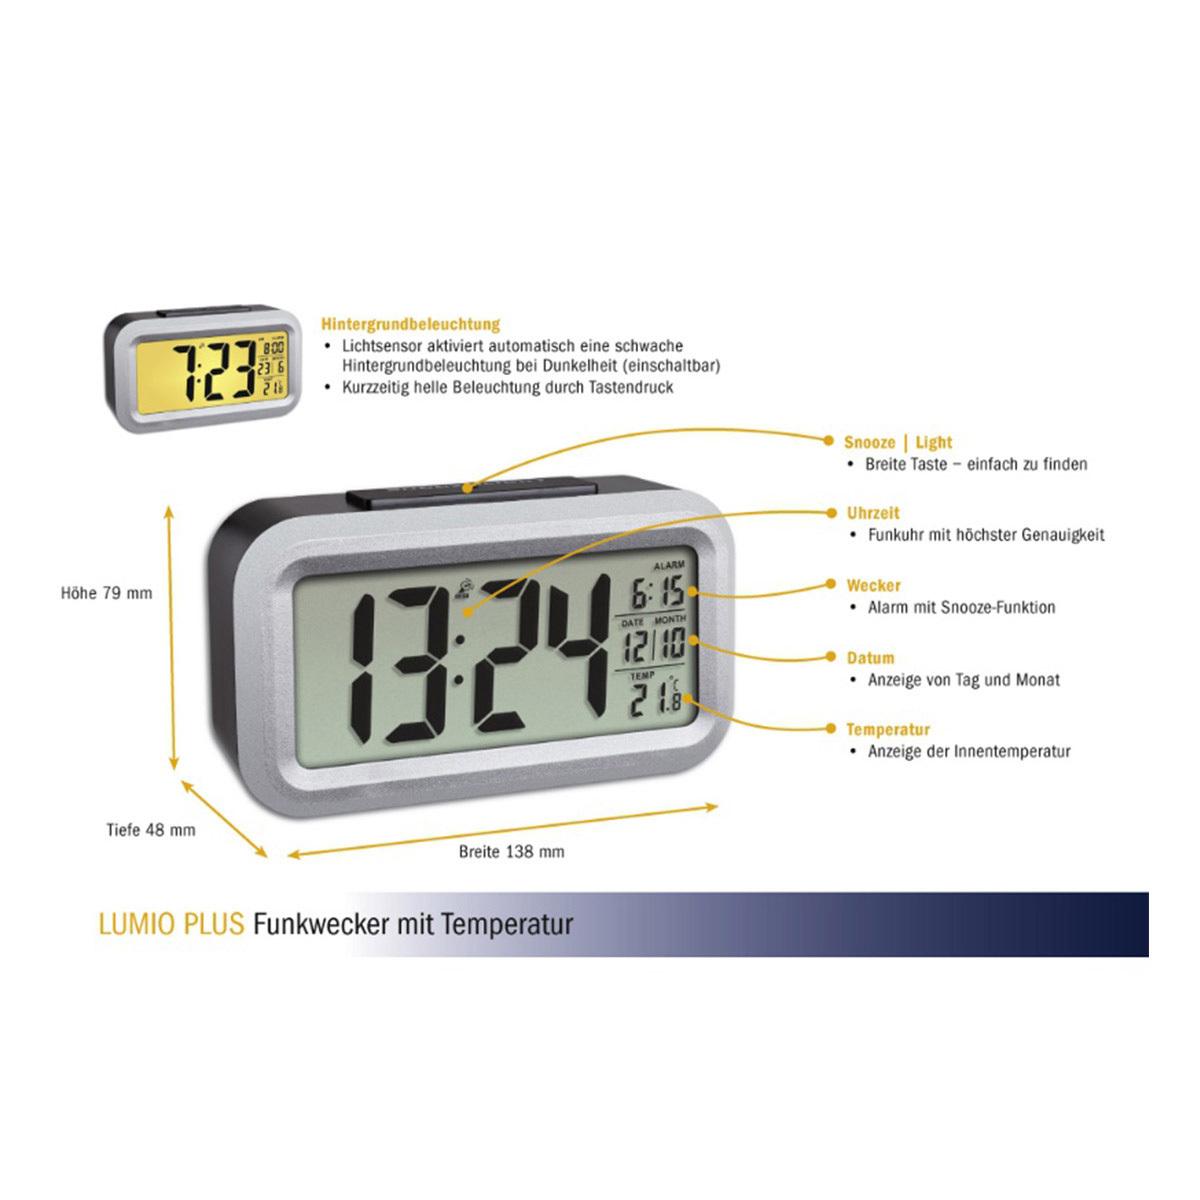 60-2553-01-digitaler-funk-wecker-mit-temperatur-lumio-plus-abmessungen-1200x1200px.jpg